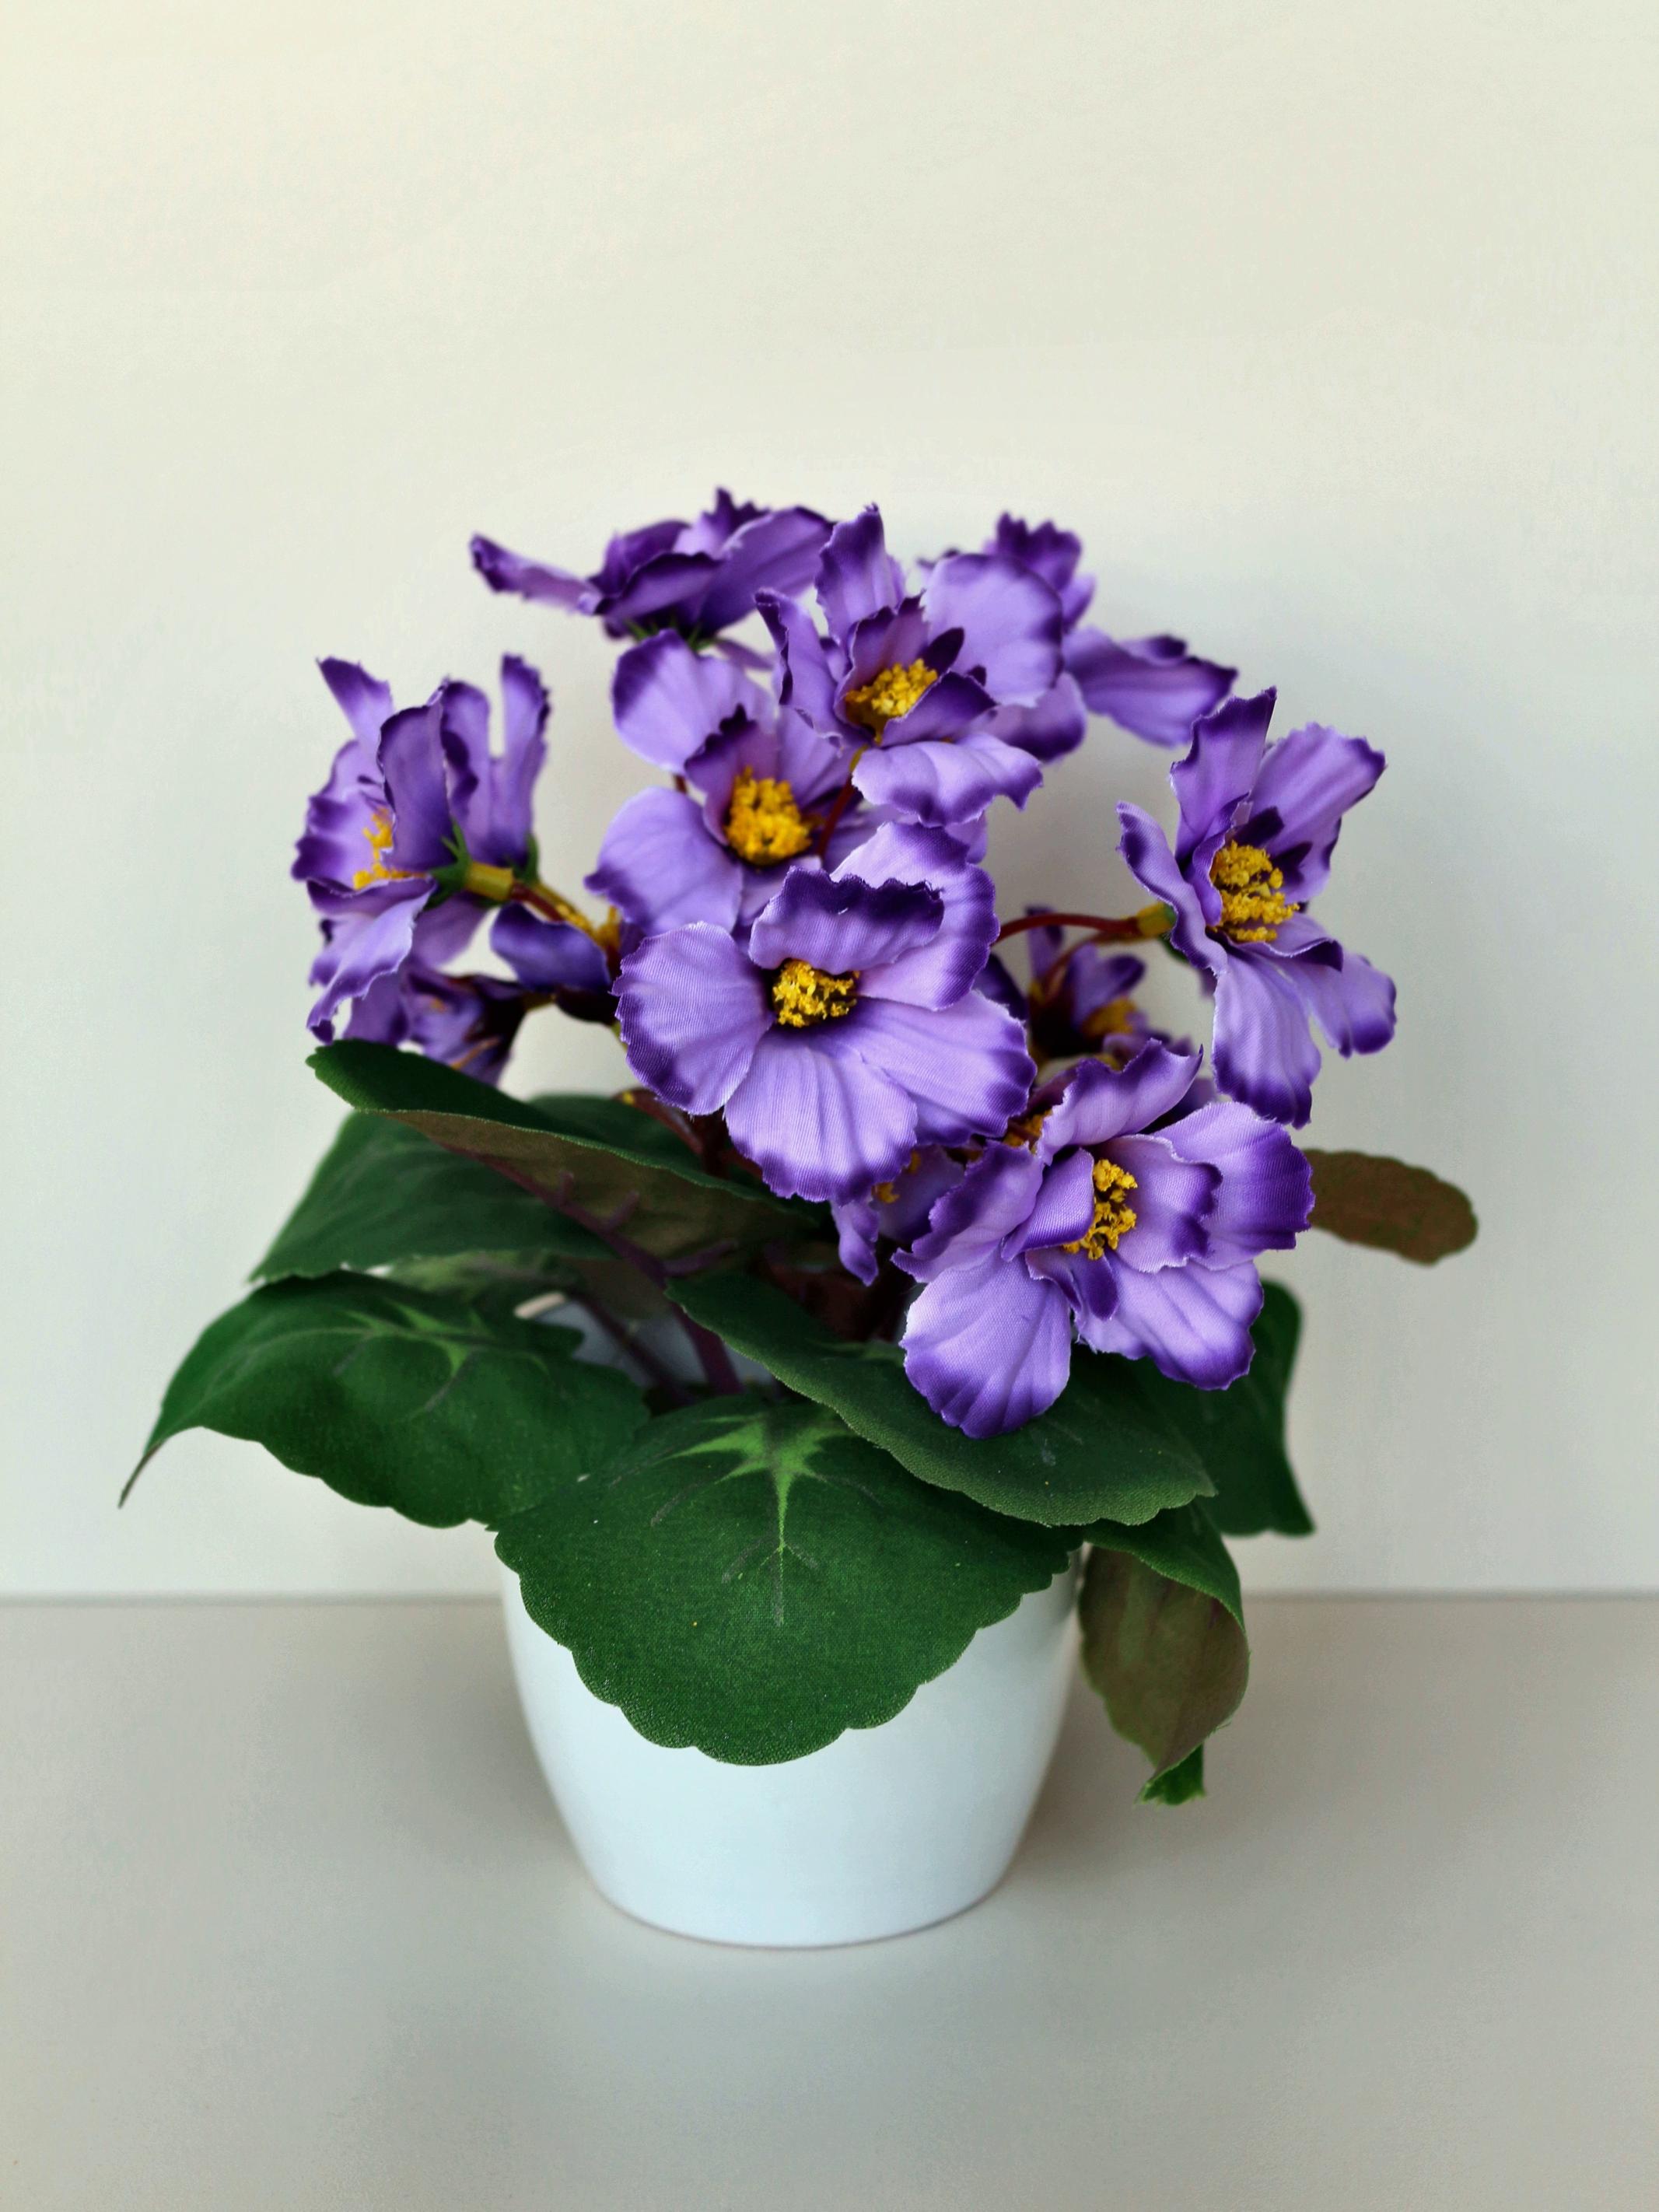 Искусственные цветы 403126, ПВХ, пластик, пенопласт, ткань